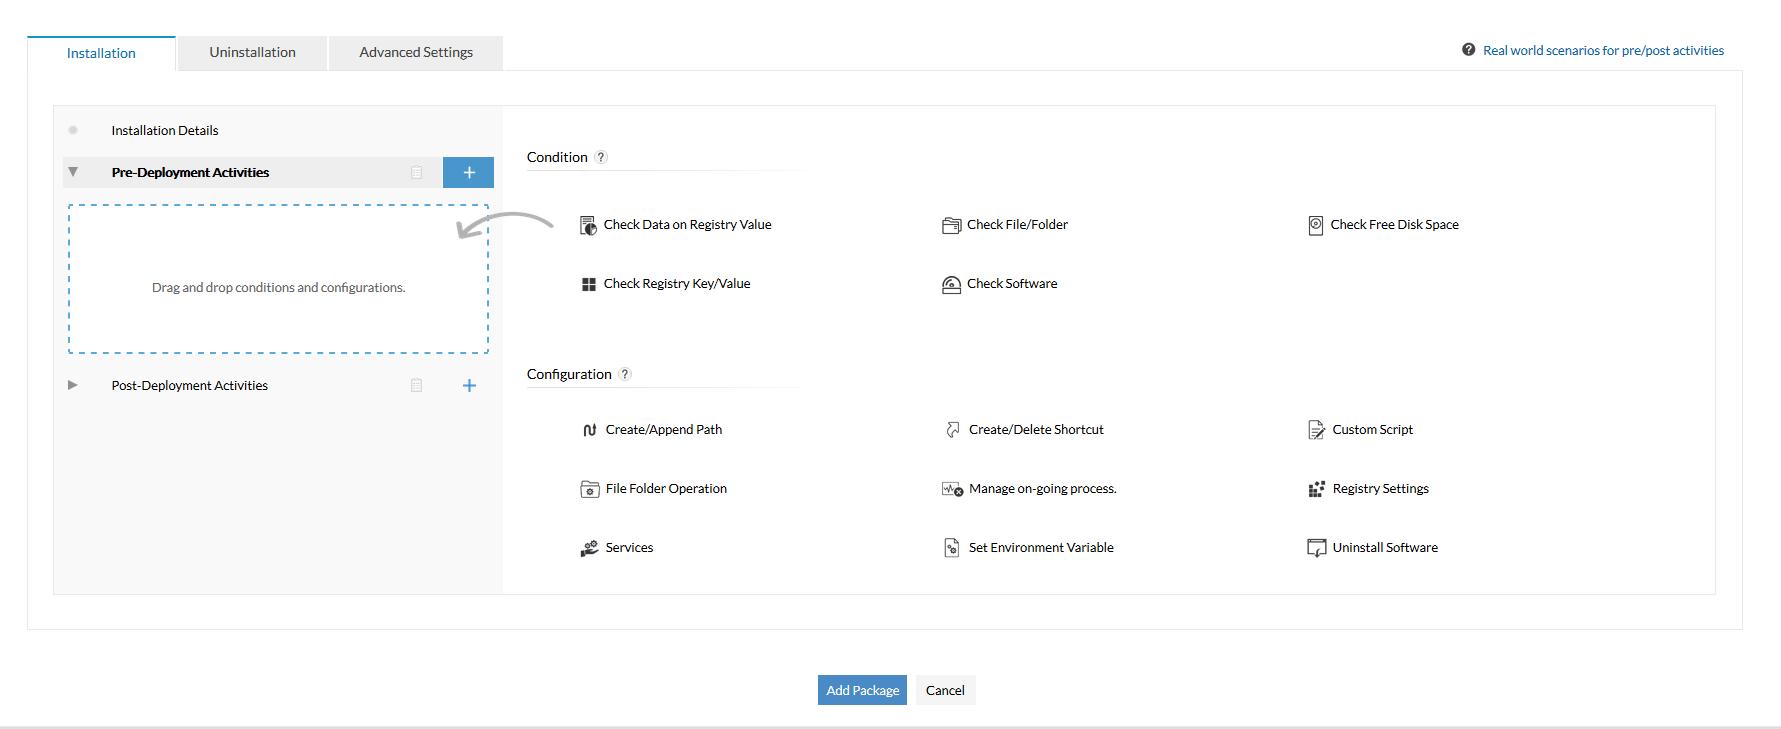 Attività di pre-distribuzione: Configura i controlli della condizione e distribuisci le configurazioni prima di installare il pacchetto